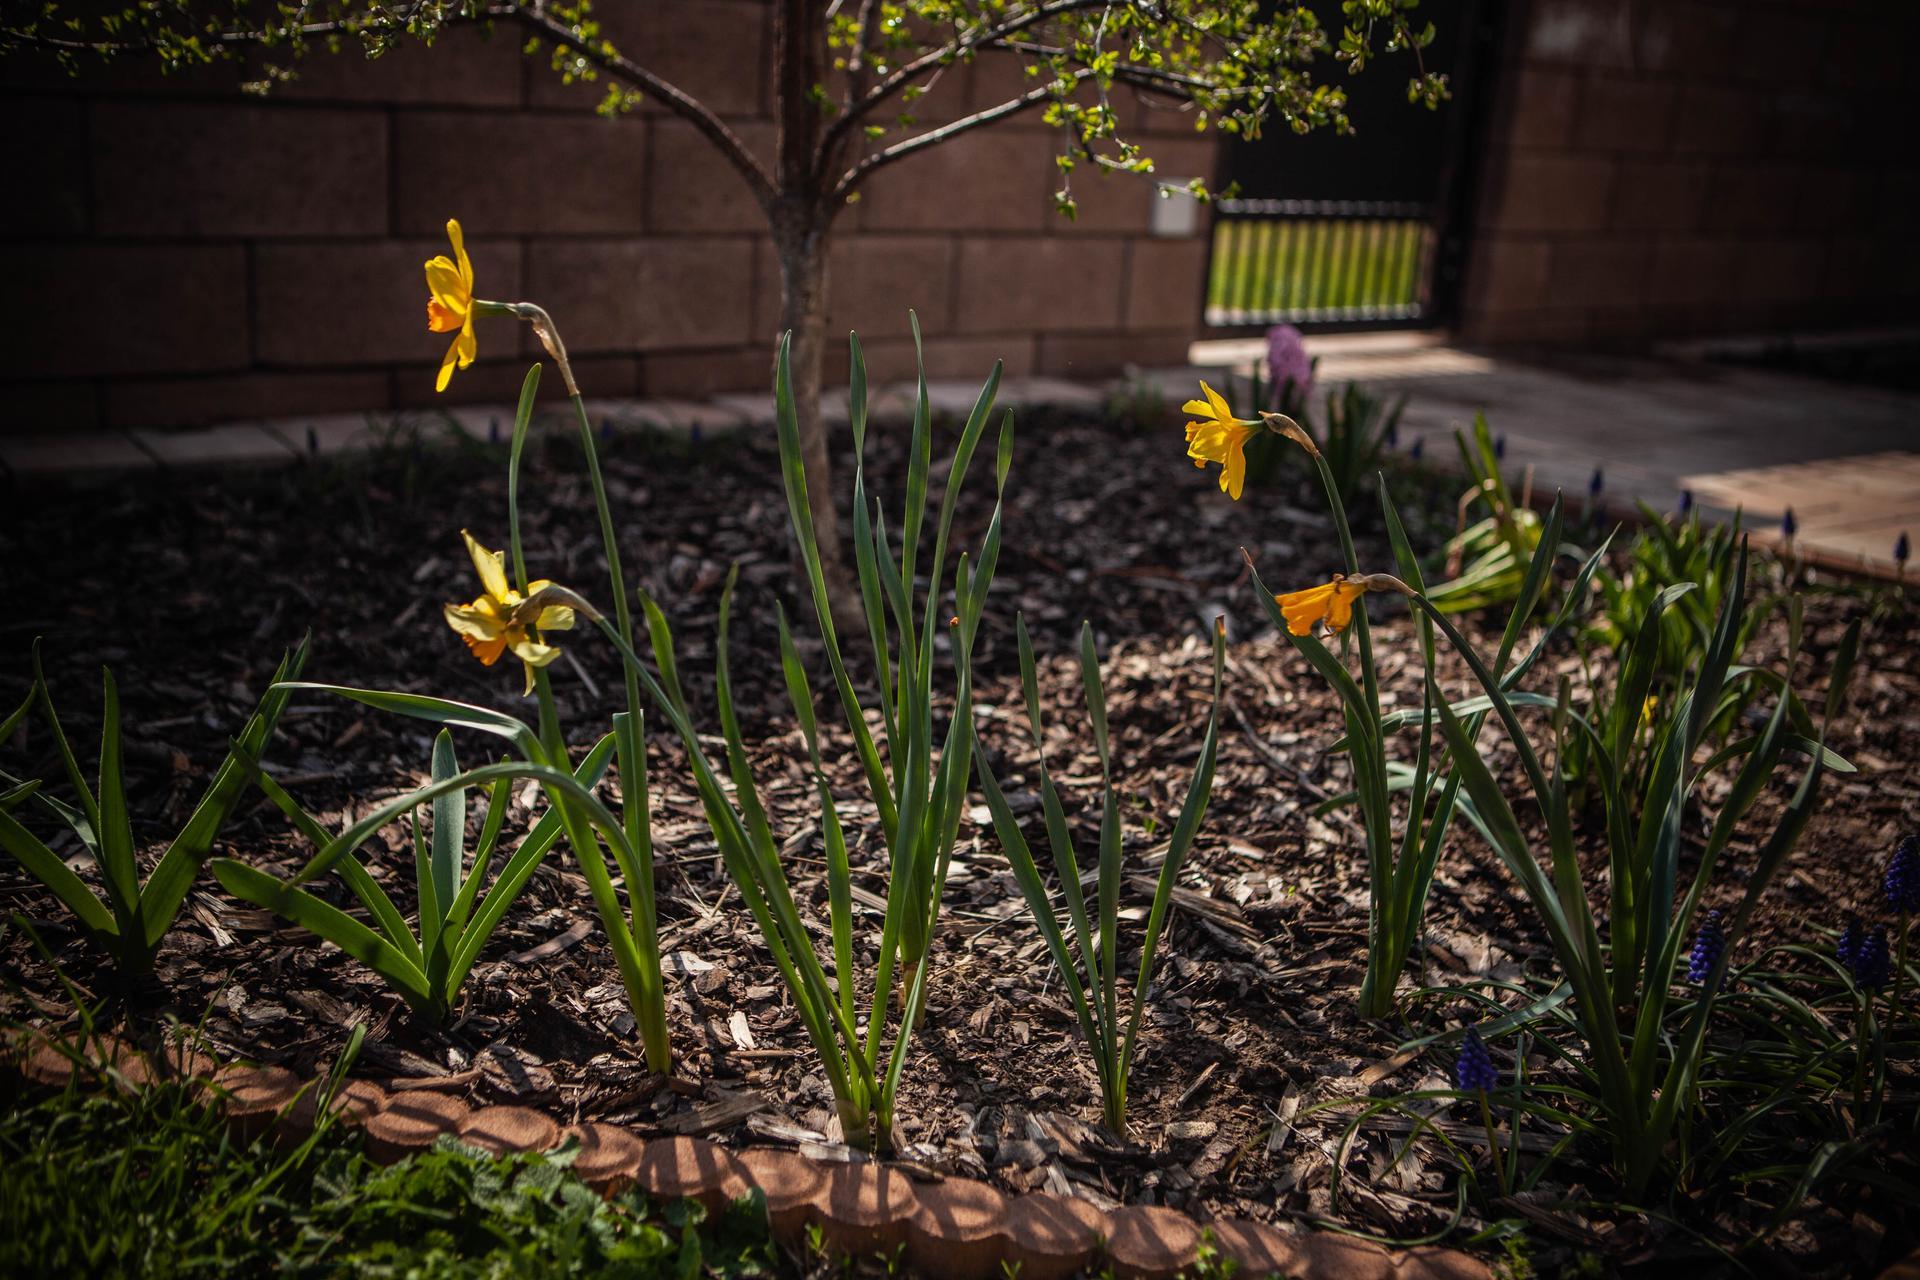 U nas v zahrade v roku 2021 - Narcisy koncia, modrice rastu a o chvilu by mali vykuknut ozdobne cesnaky